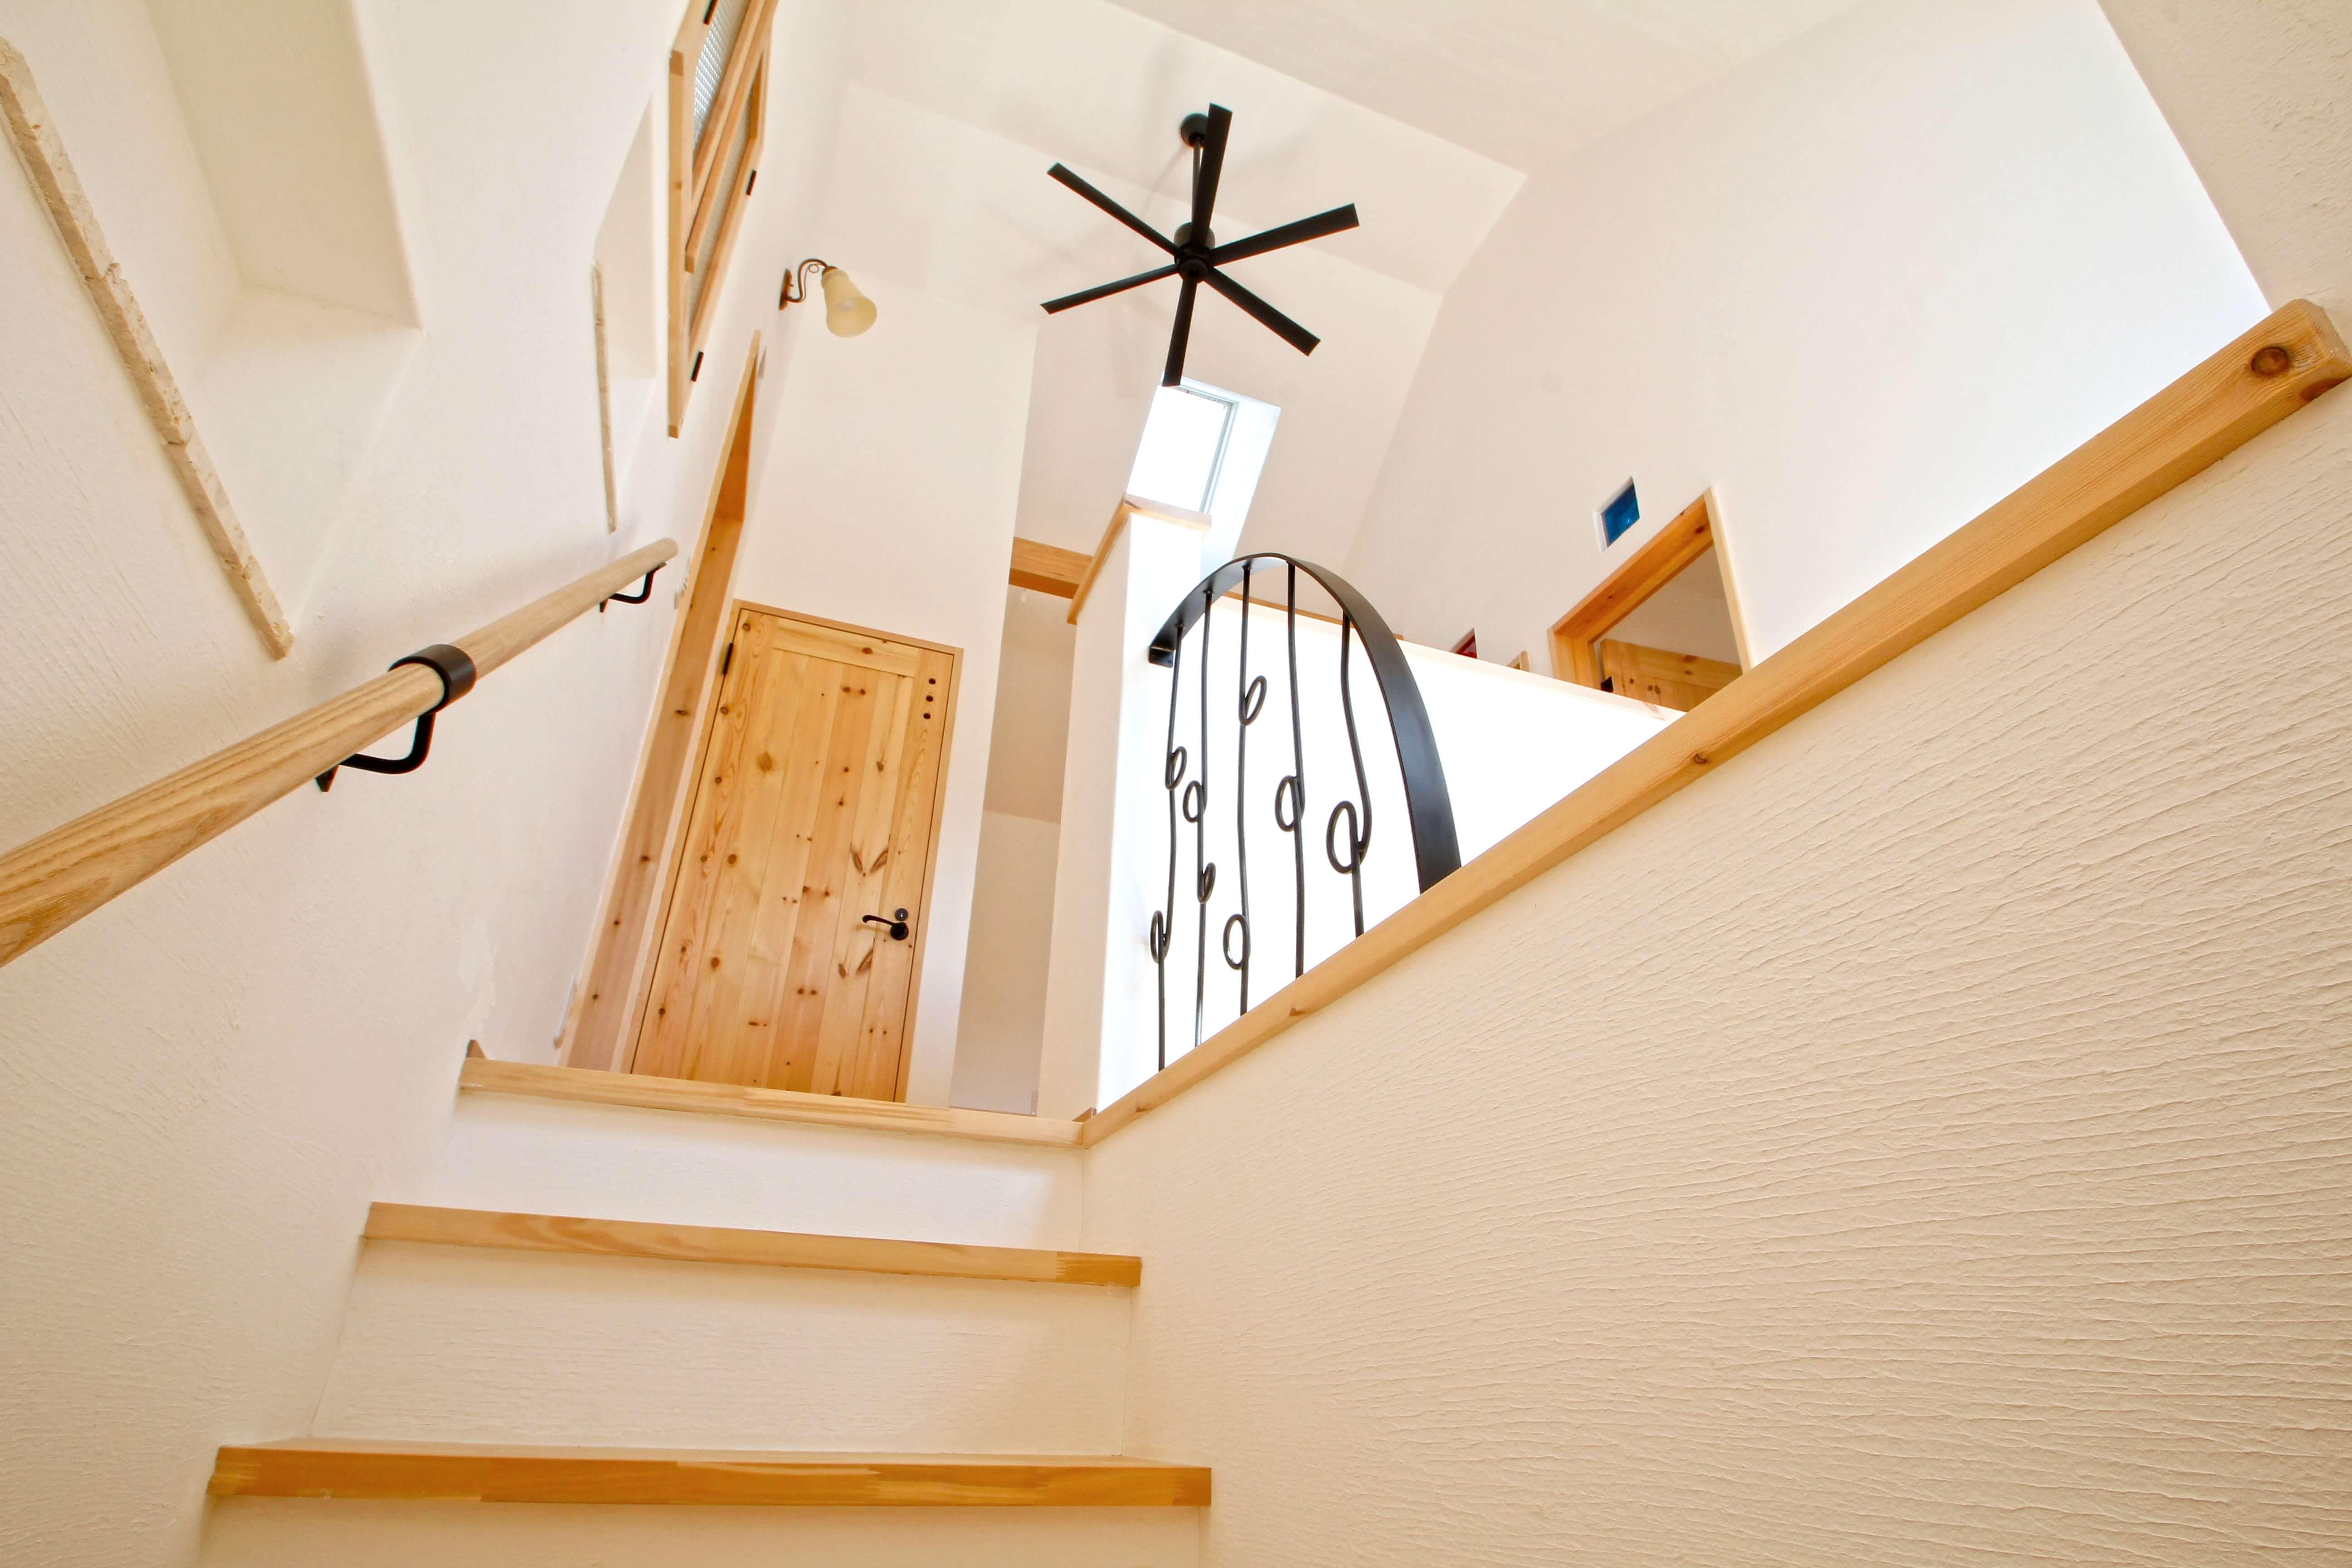 照明はどう設置したら良い?勾配天井のメリットやデメリット